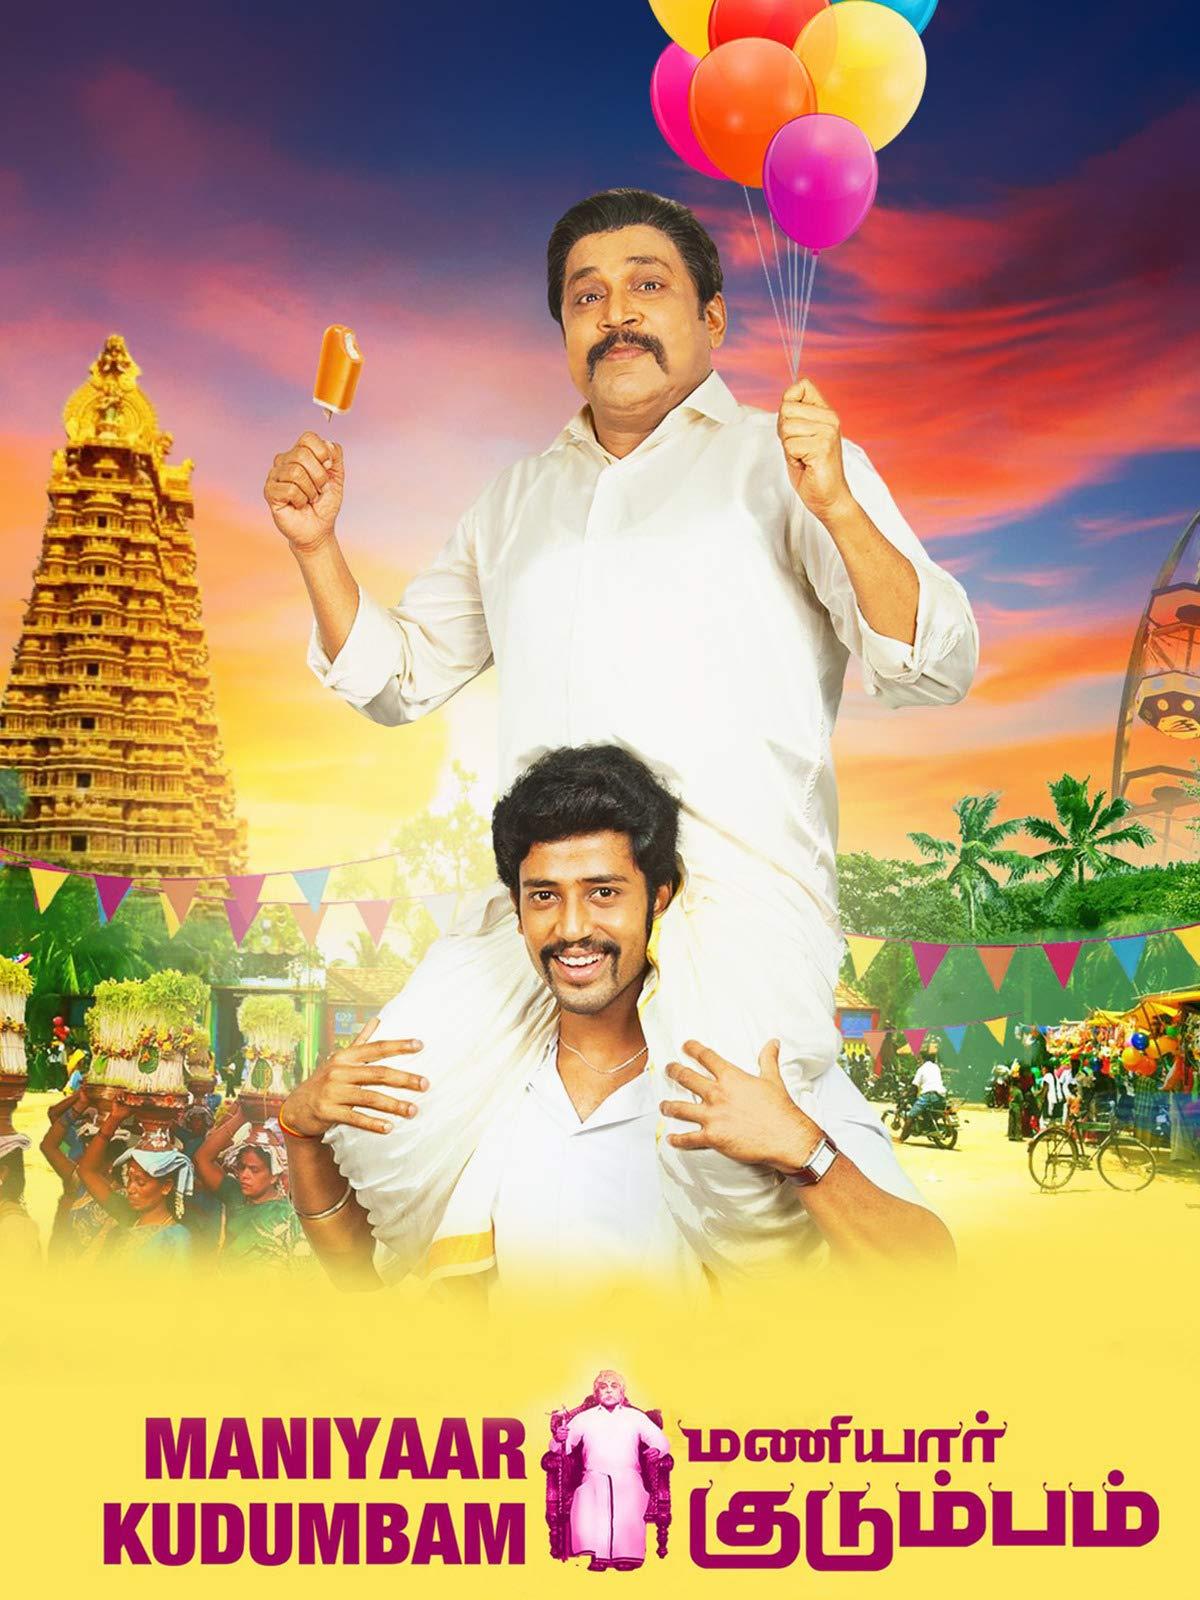 Maniyar Kudumbam TamilRockers